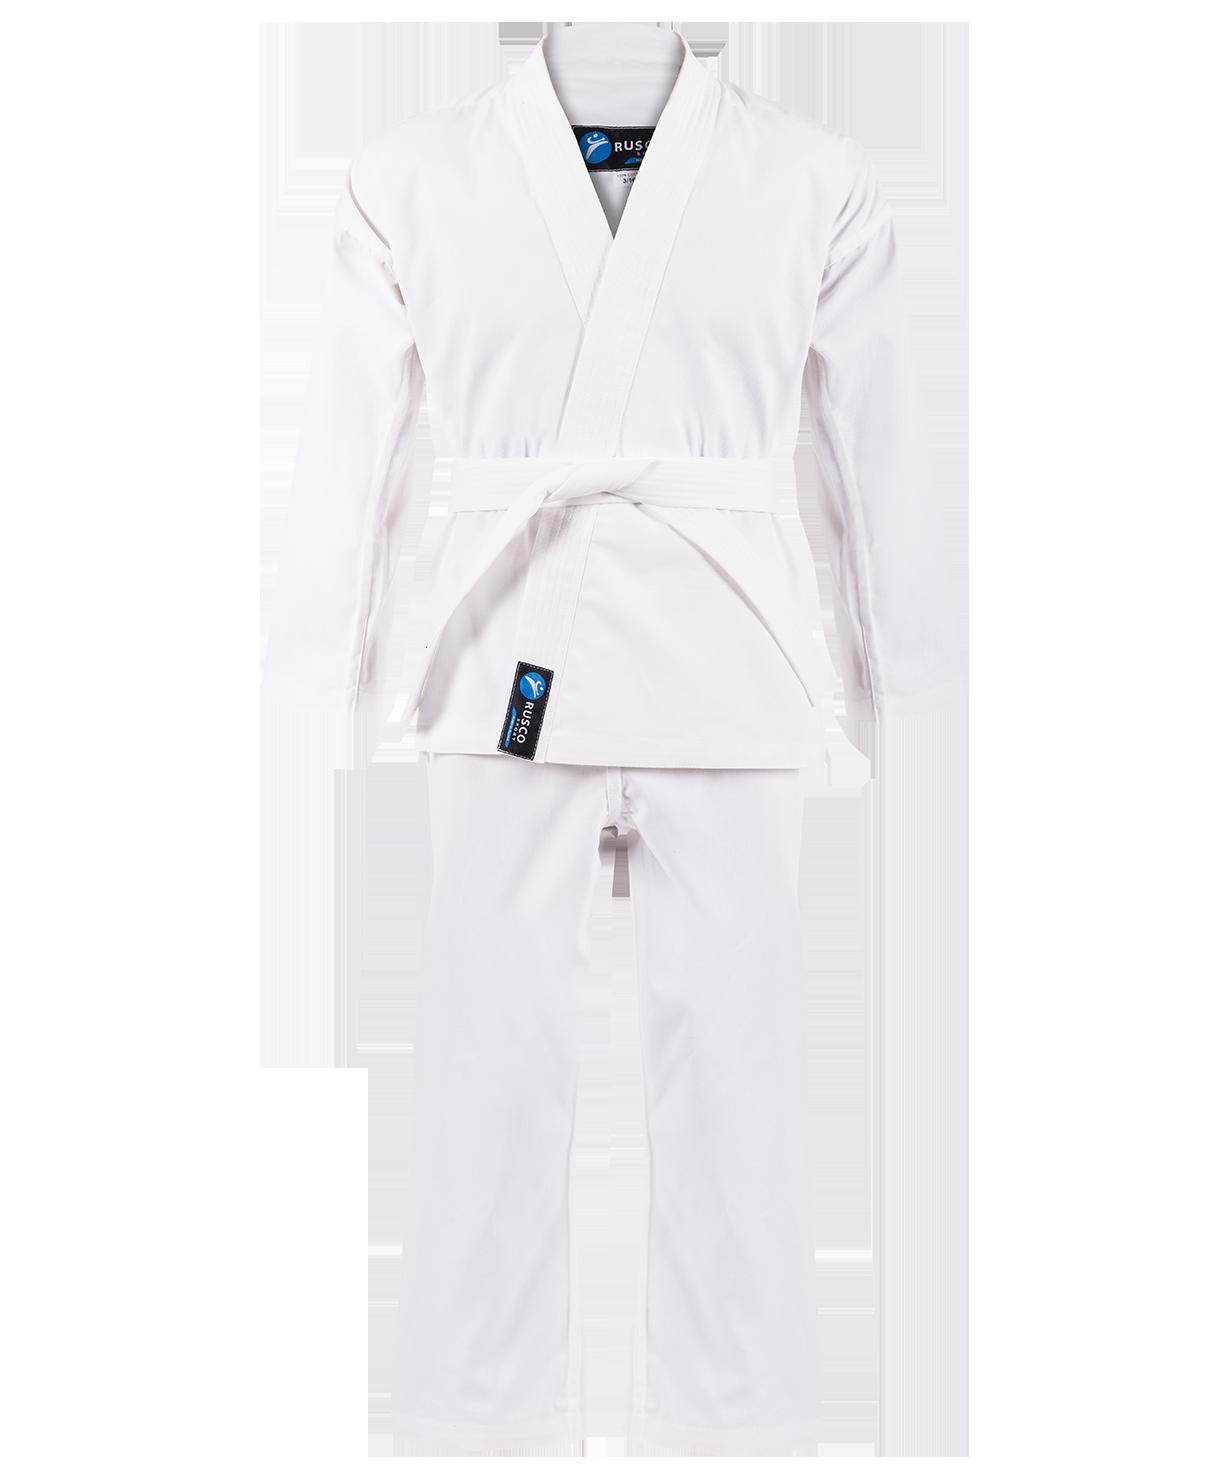 Кимоно Кимоно для карате белое Rusco 36b473de27f889c72391325938a8f2c0.png